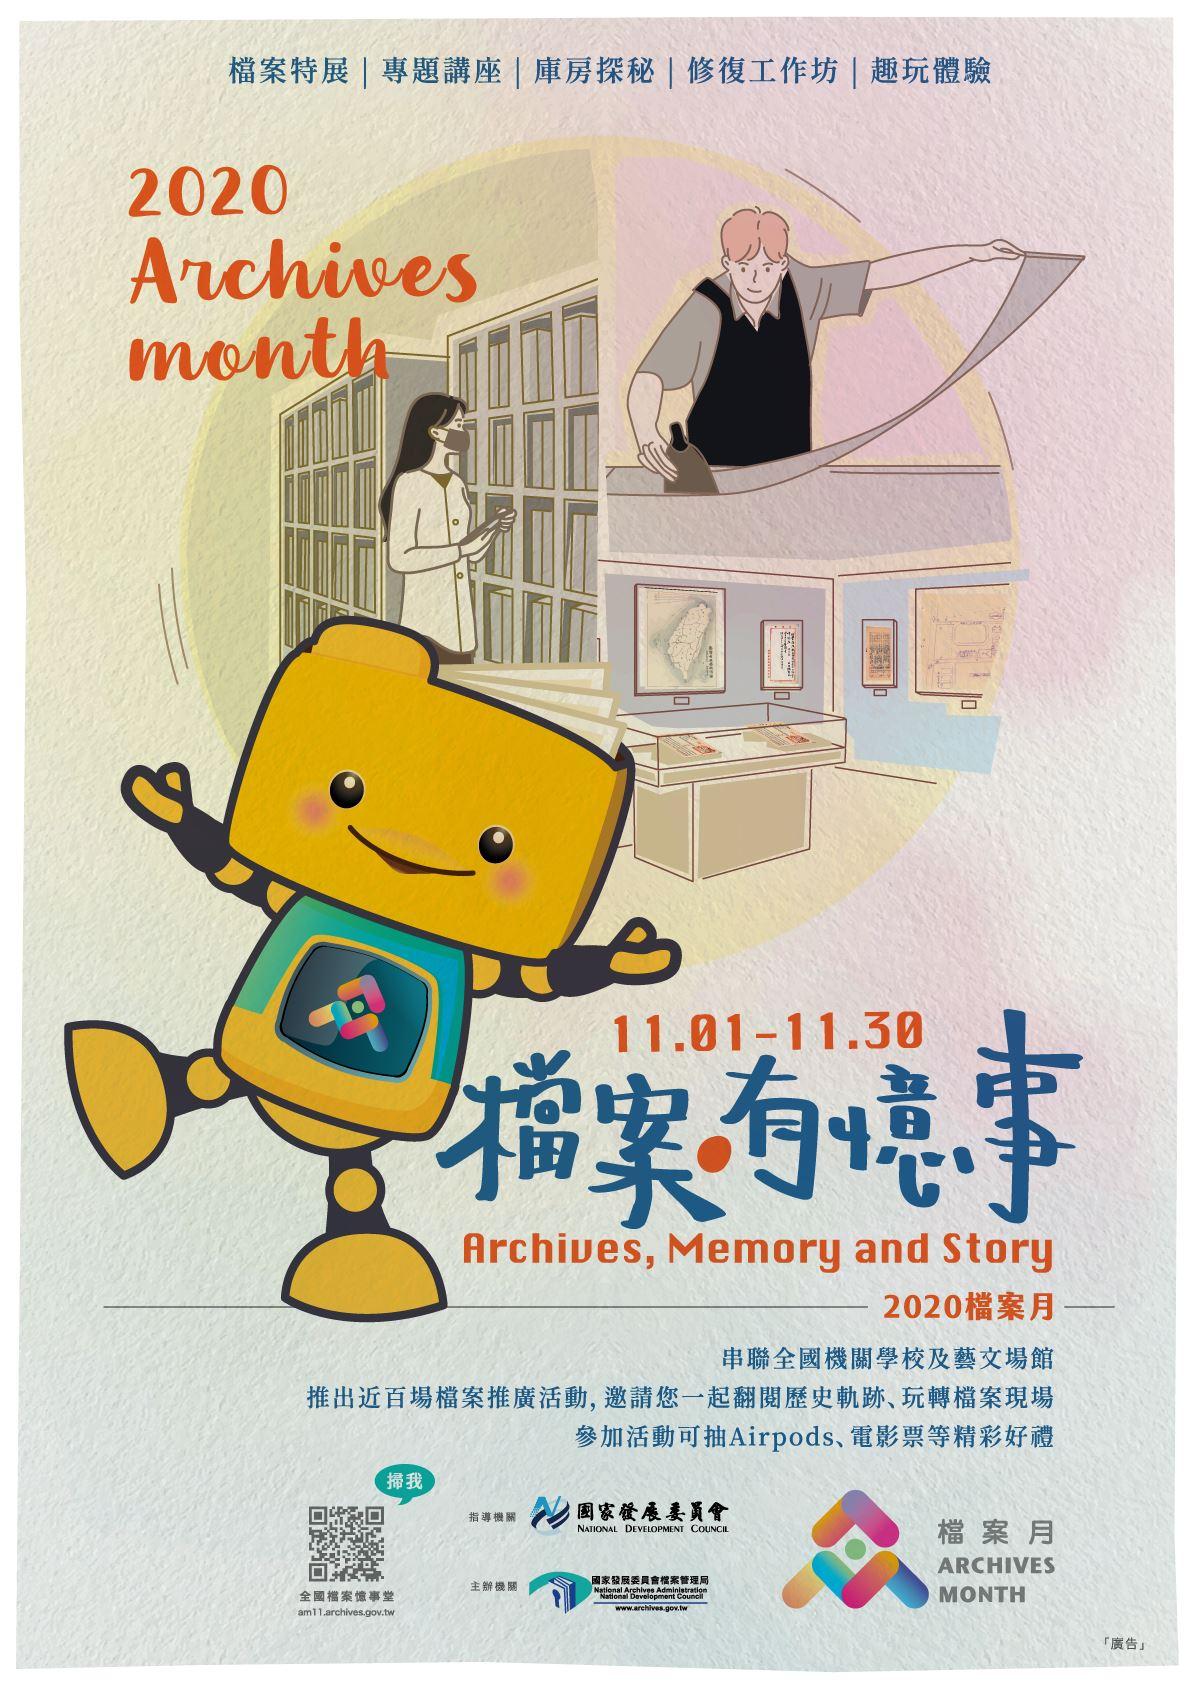 2020檔案月活動「檔案‧有憶事」於11月隆重登場